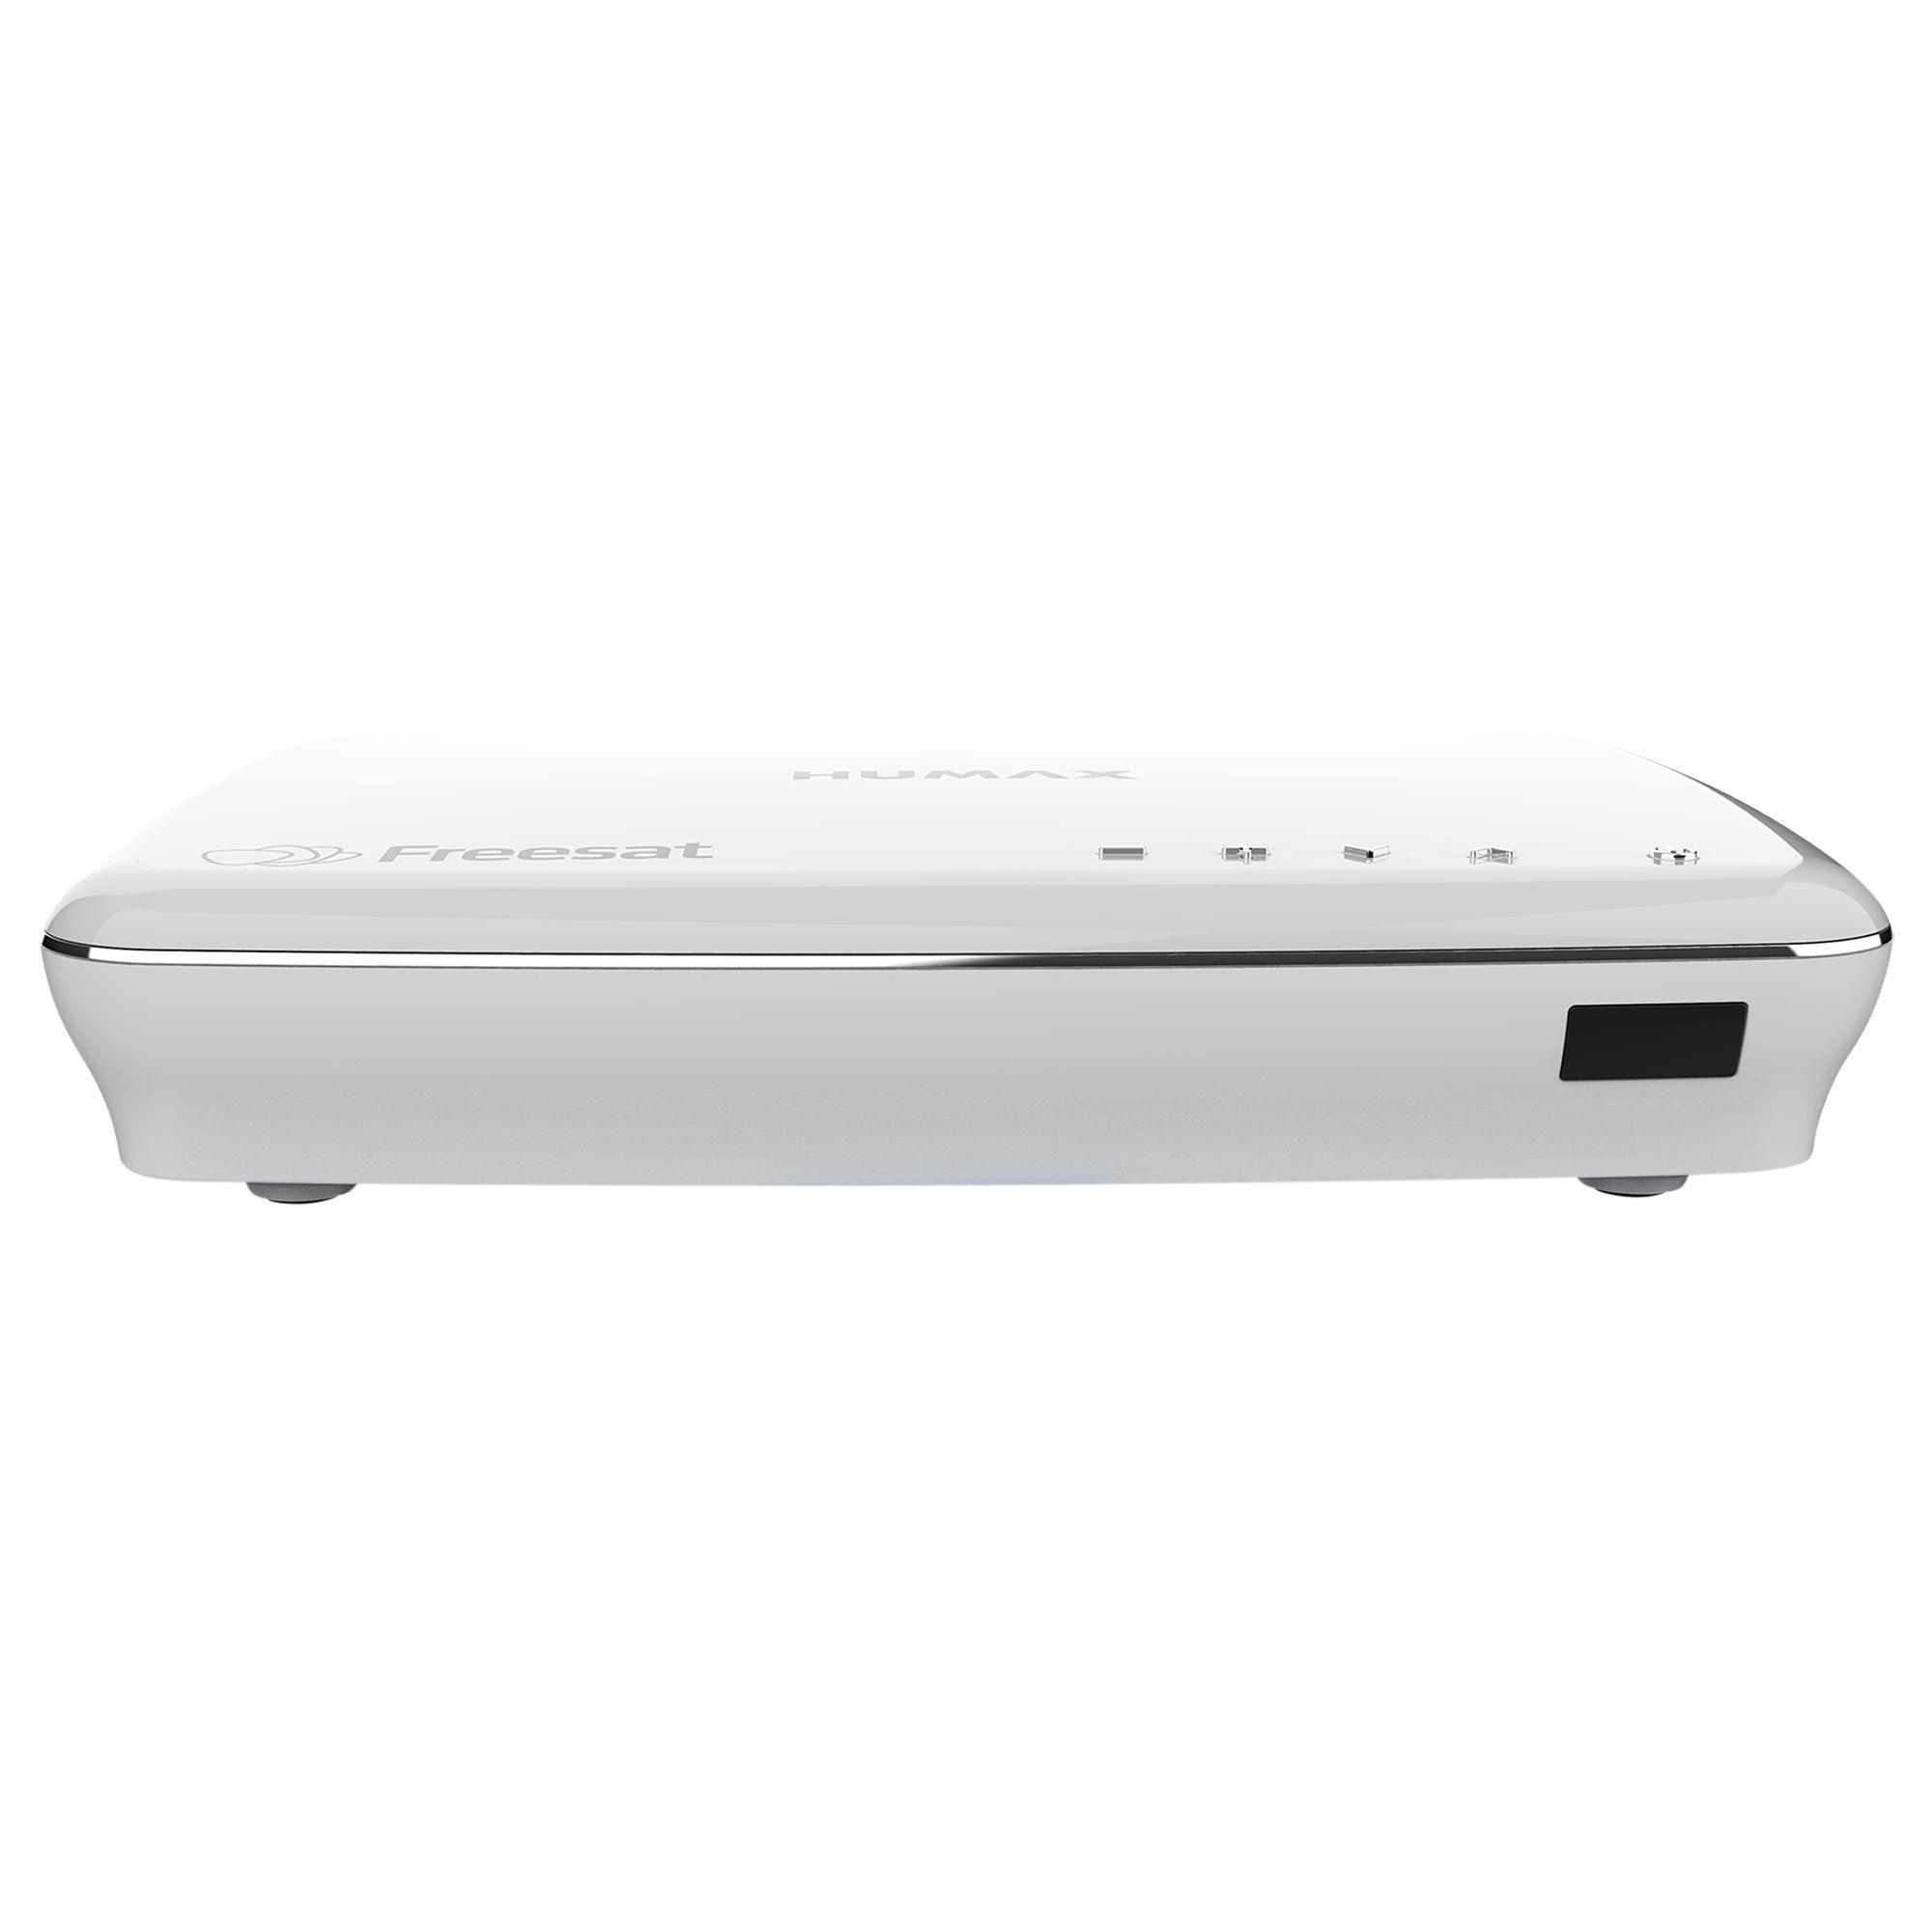 Humax Humax HDR-1100S Smart 500GB Freesat Digital TV Recorder